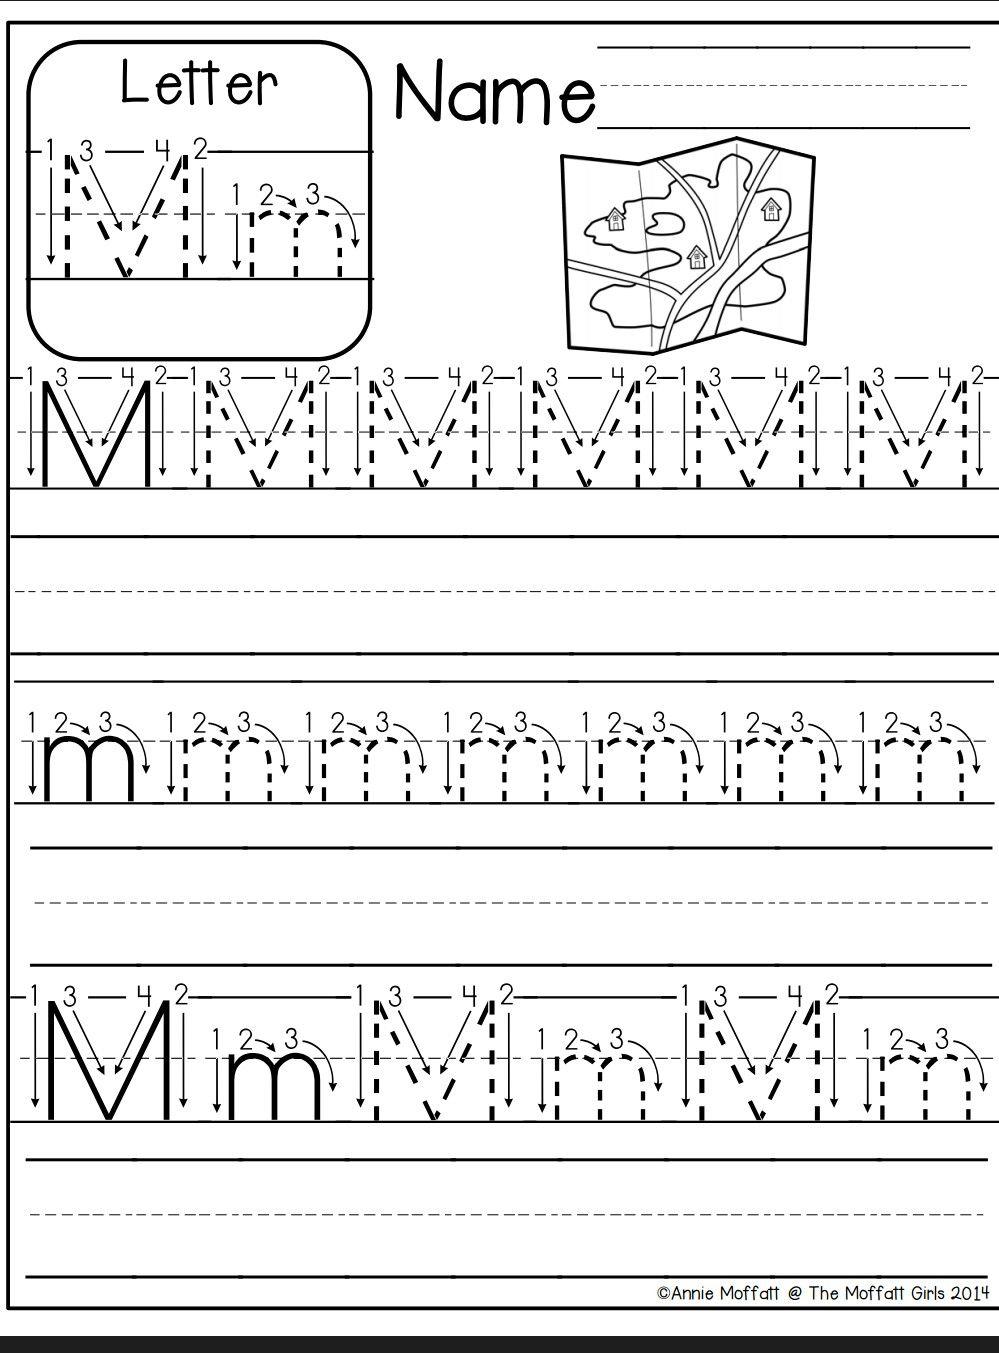 Letter M Worksheet | Preschool Writing, Letter M Worksheets inside Letter M Worksheets For Pre K